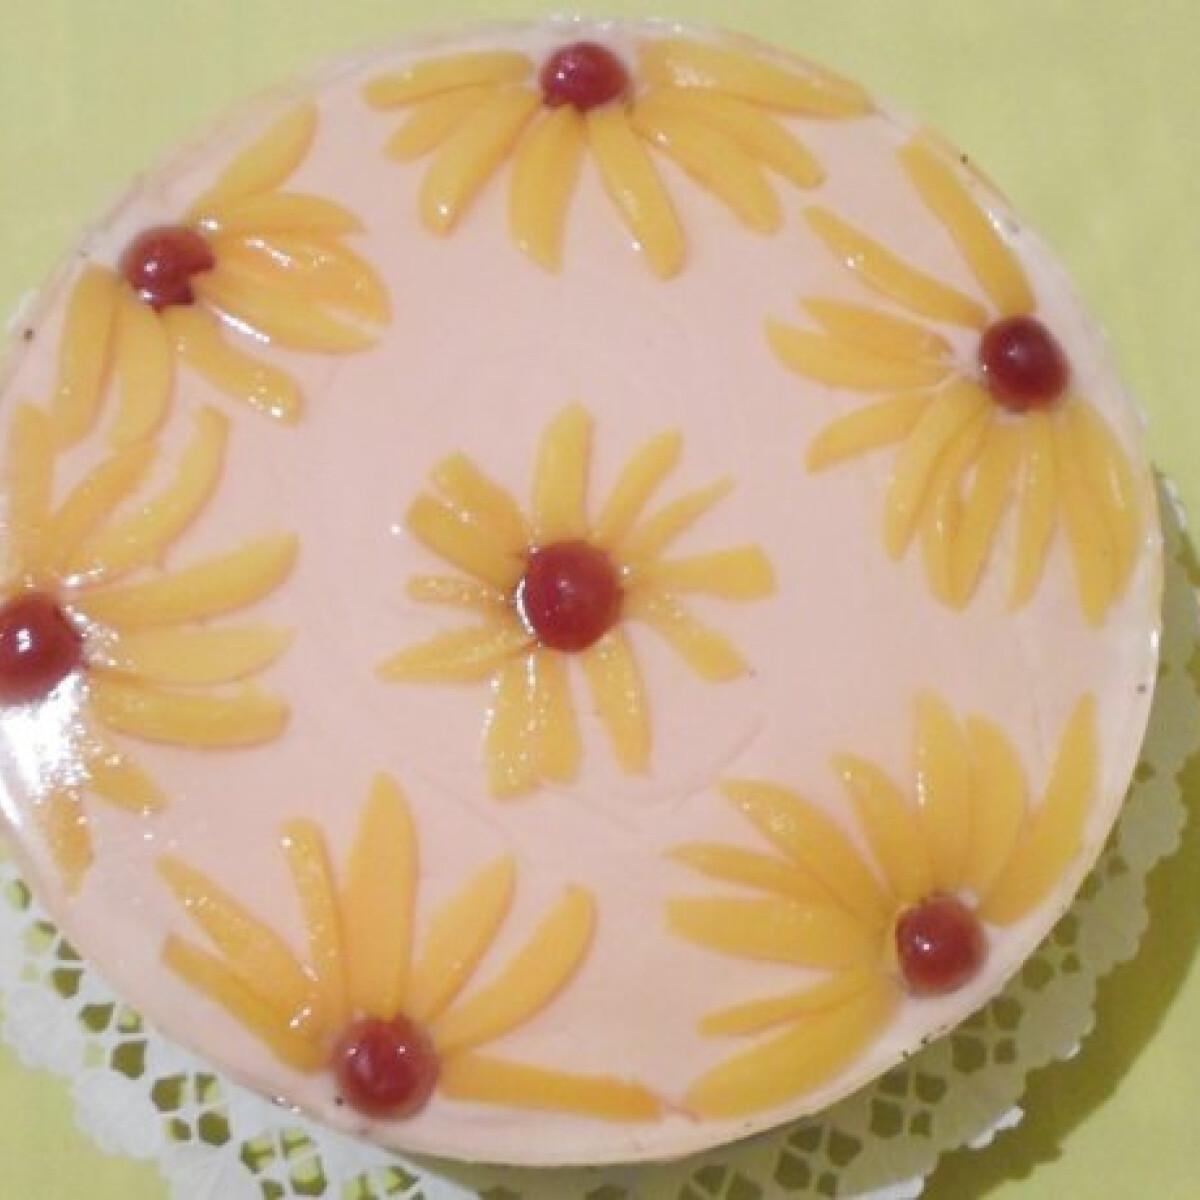 Ezen a képen: Mákos guba torta Csilla konyhájából